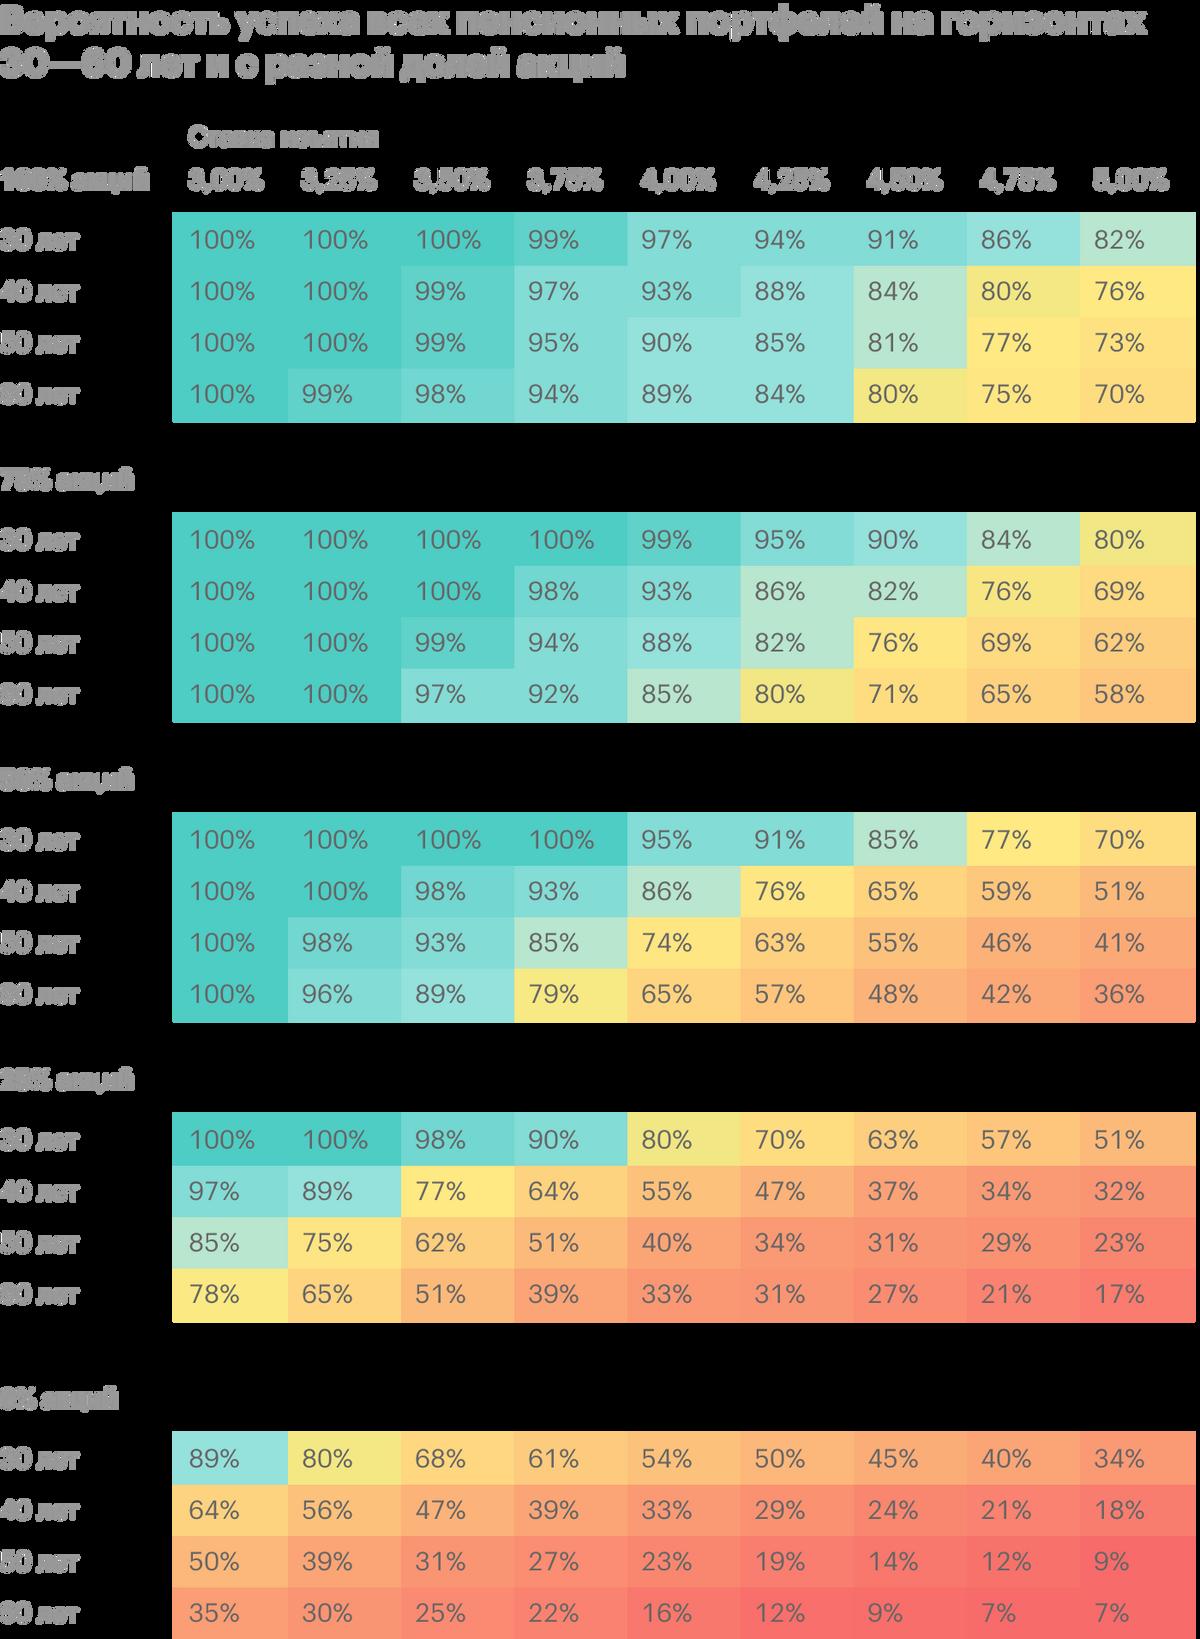 Дляпортфеля 50/50 правило 4% на 30-летнем горизонте имеет вероятность успеха 95%, но с увеличением горизонта вероятность падает: на дистанции в 50 лет вероятность составляет уже 74%. А применьшей доле акций в портфеле правило 4% вовсе не работает: портфель, в котором только 25% акций, дает 98% успеха прибезопасной ставке 3,5%, а дляпортфеля полностью из облигаций ставка изъятия должна быть ниже 3%. Источник: earlyretirementnow.com